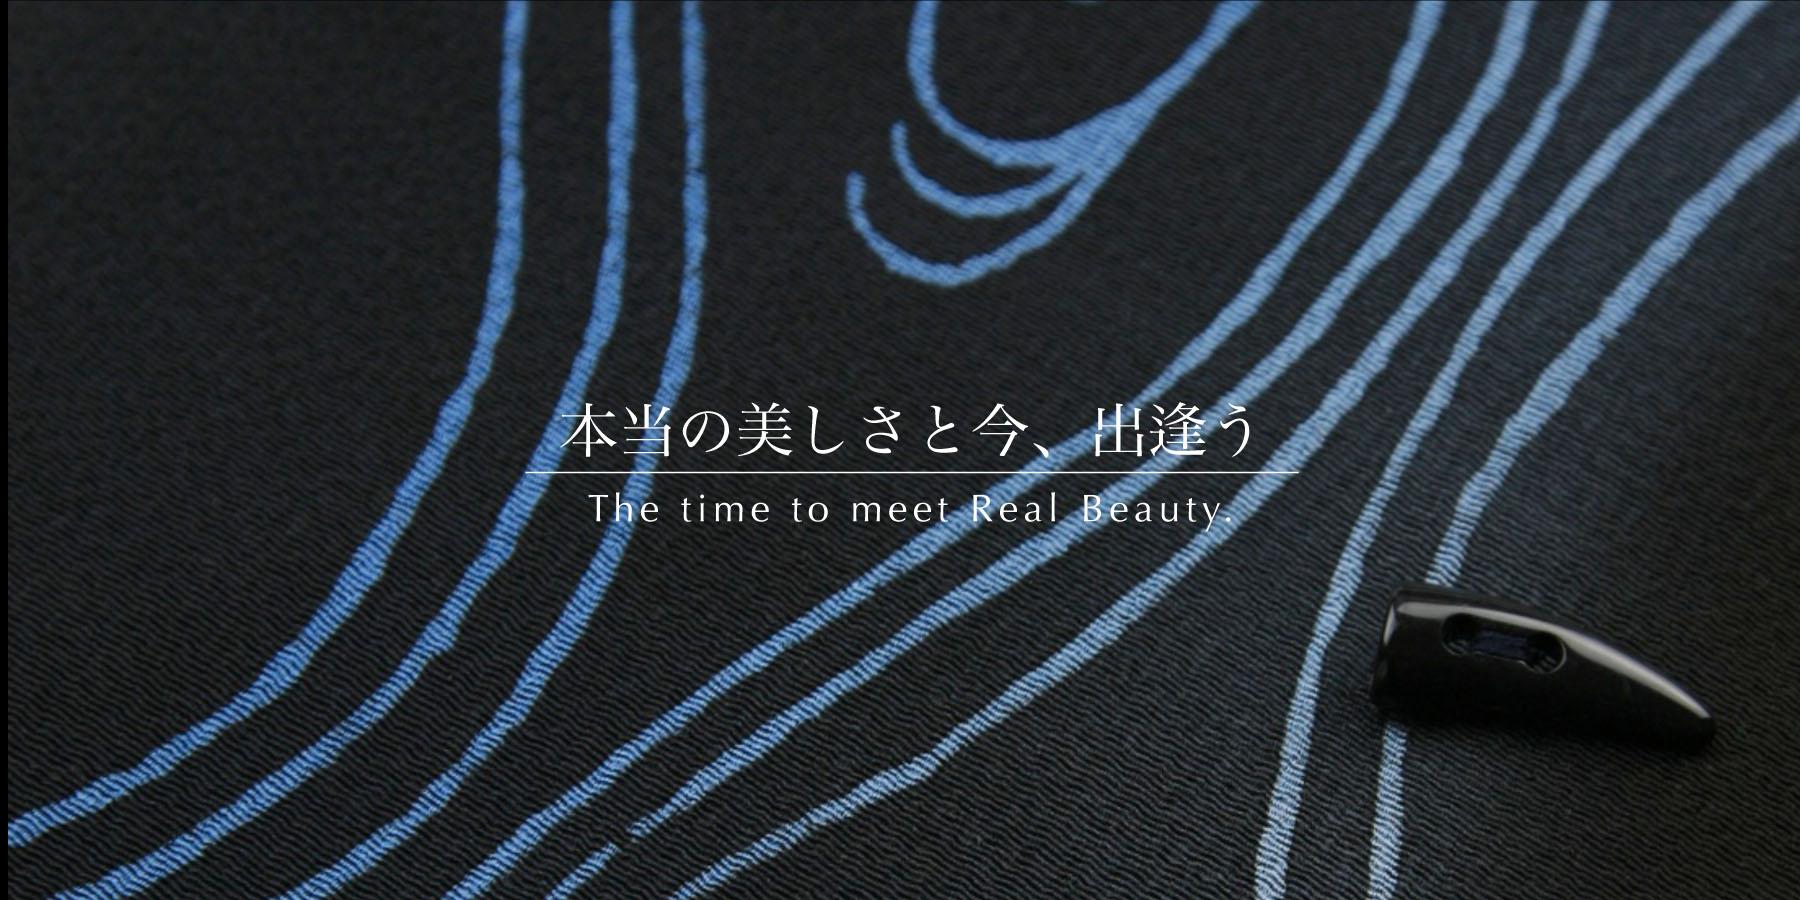 黒×絹が魅せる美しさ。MacBookケースを京都・日本の伝統美・京友禅の手仕事で再デザイン。MacBookPro 最新モデル対応。